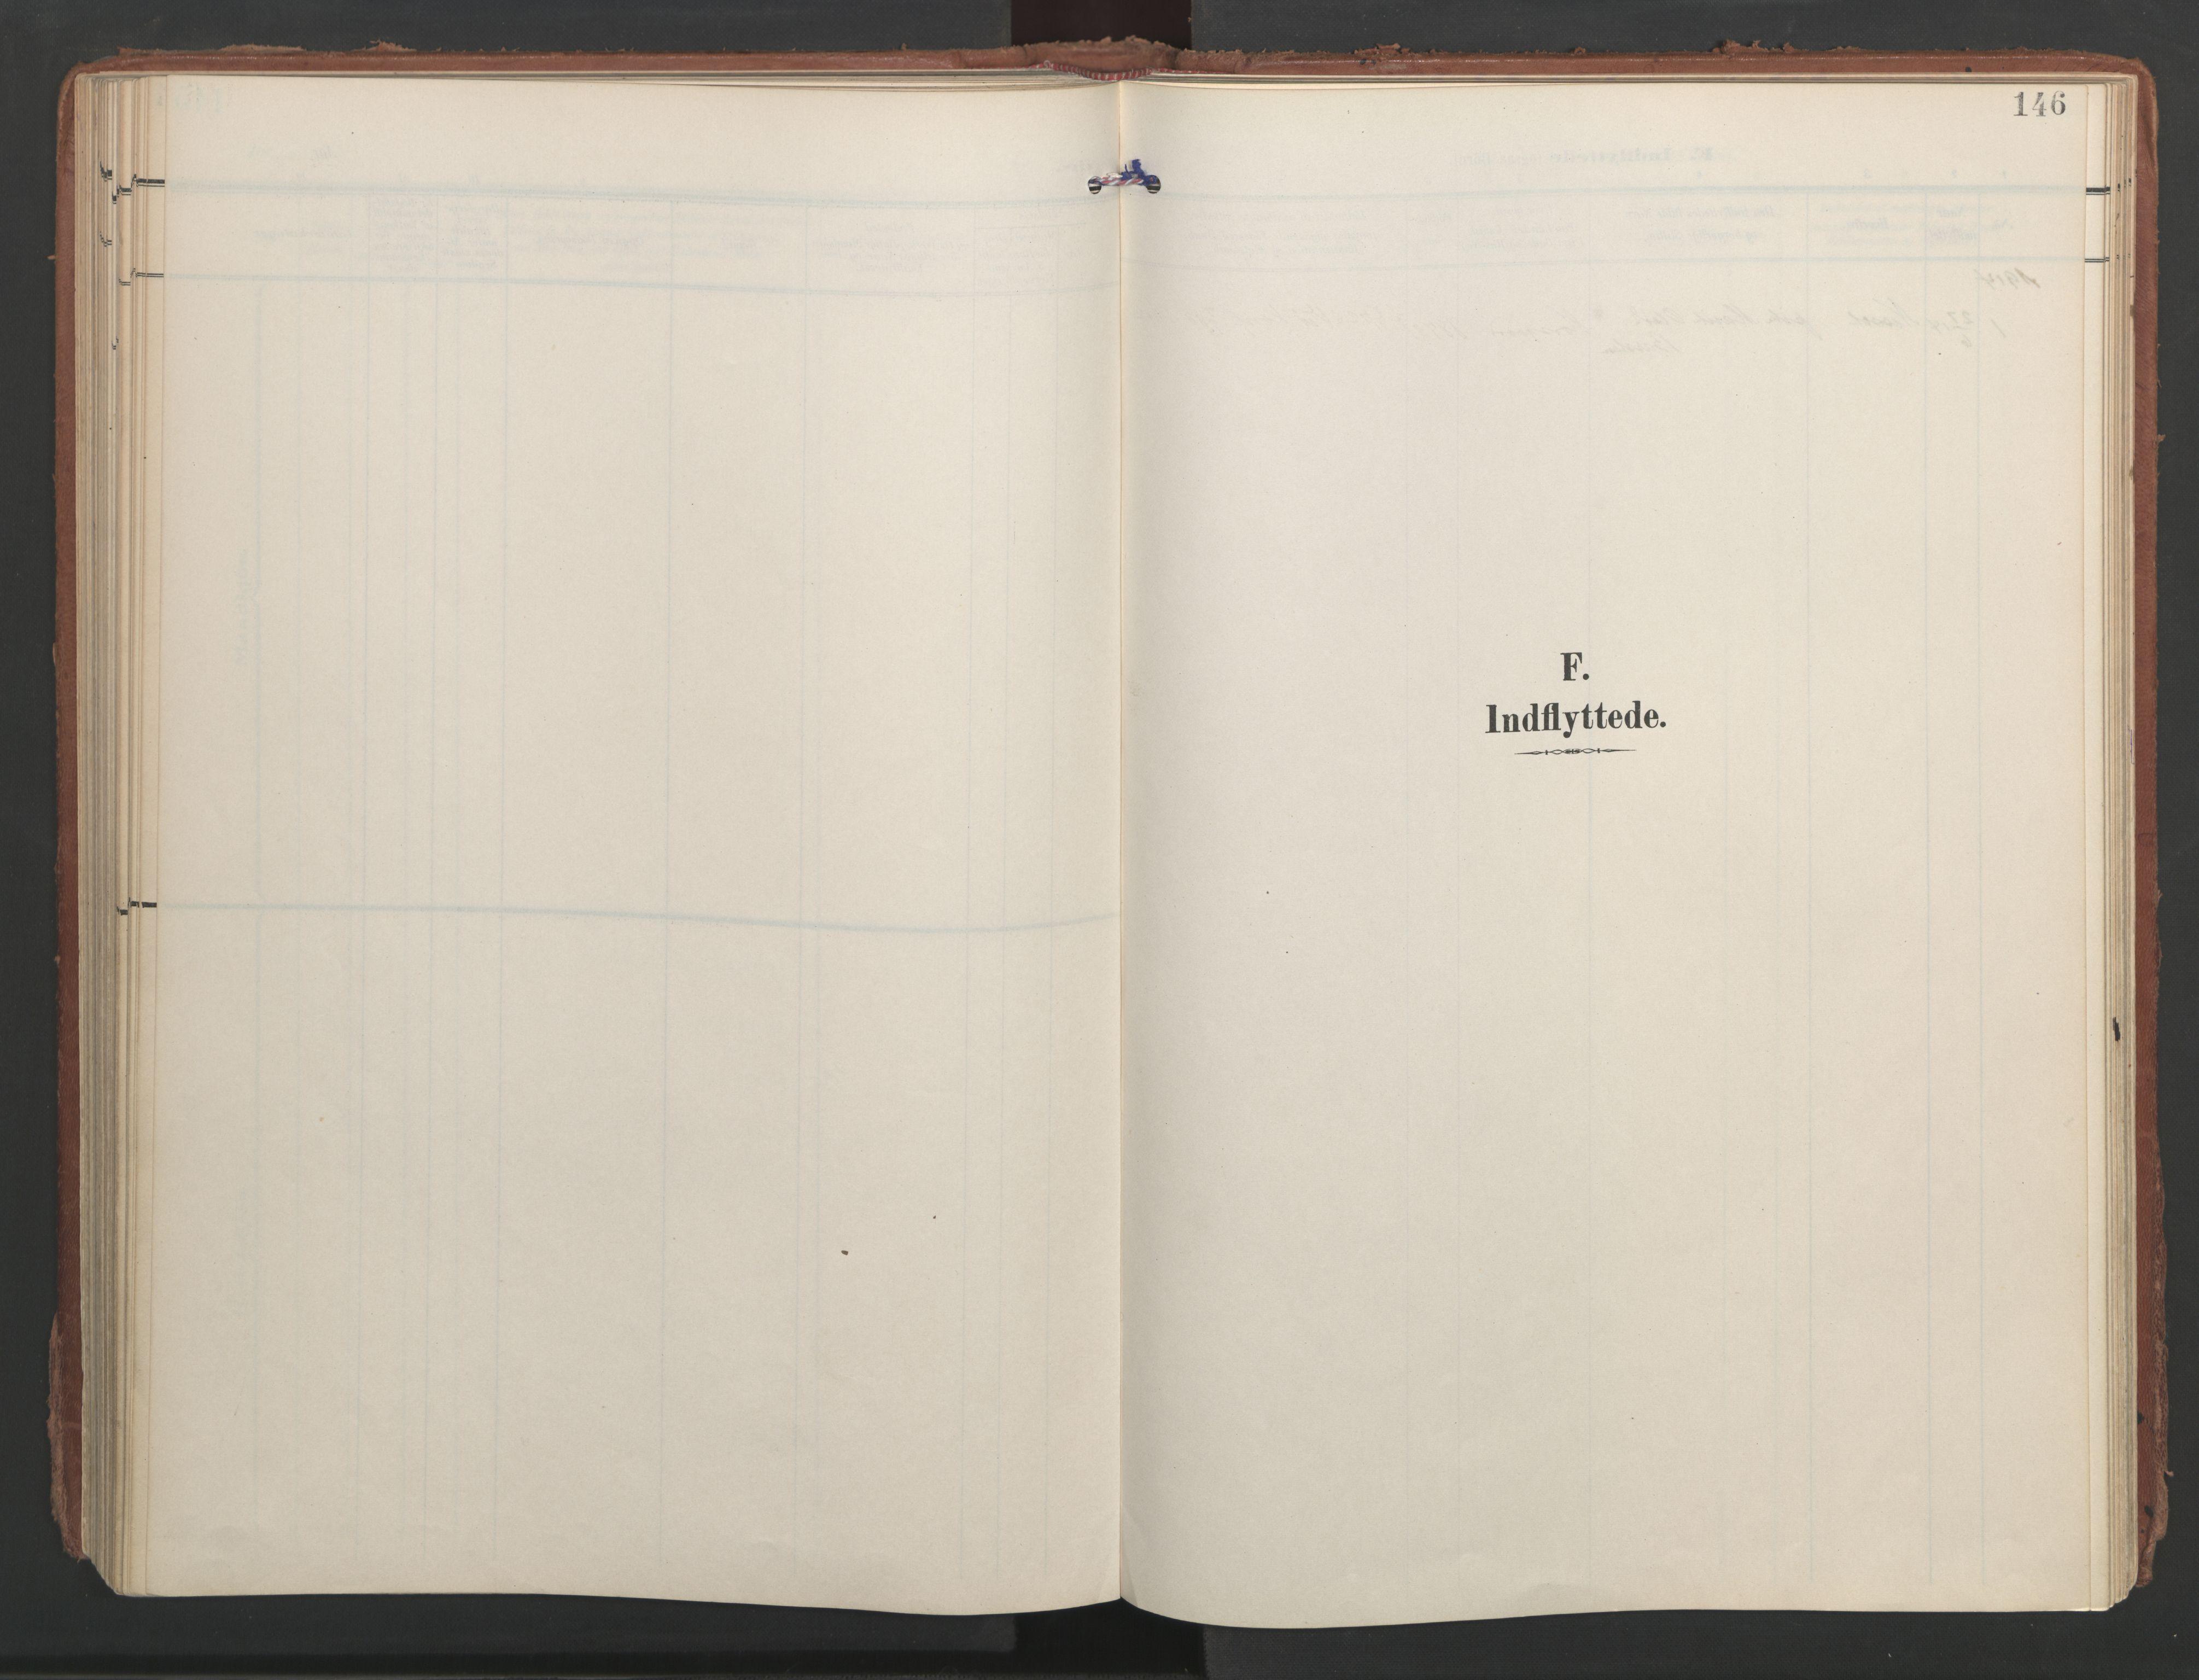 SAT, Ministerialprotokoller, klokkerbøker og fødselsregistre - Møre og Romsdal, 547/L0605: Ministerialbok nr. 547A07, 1907-1936, s. 146